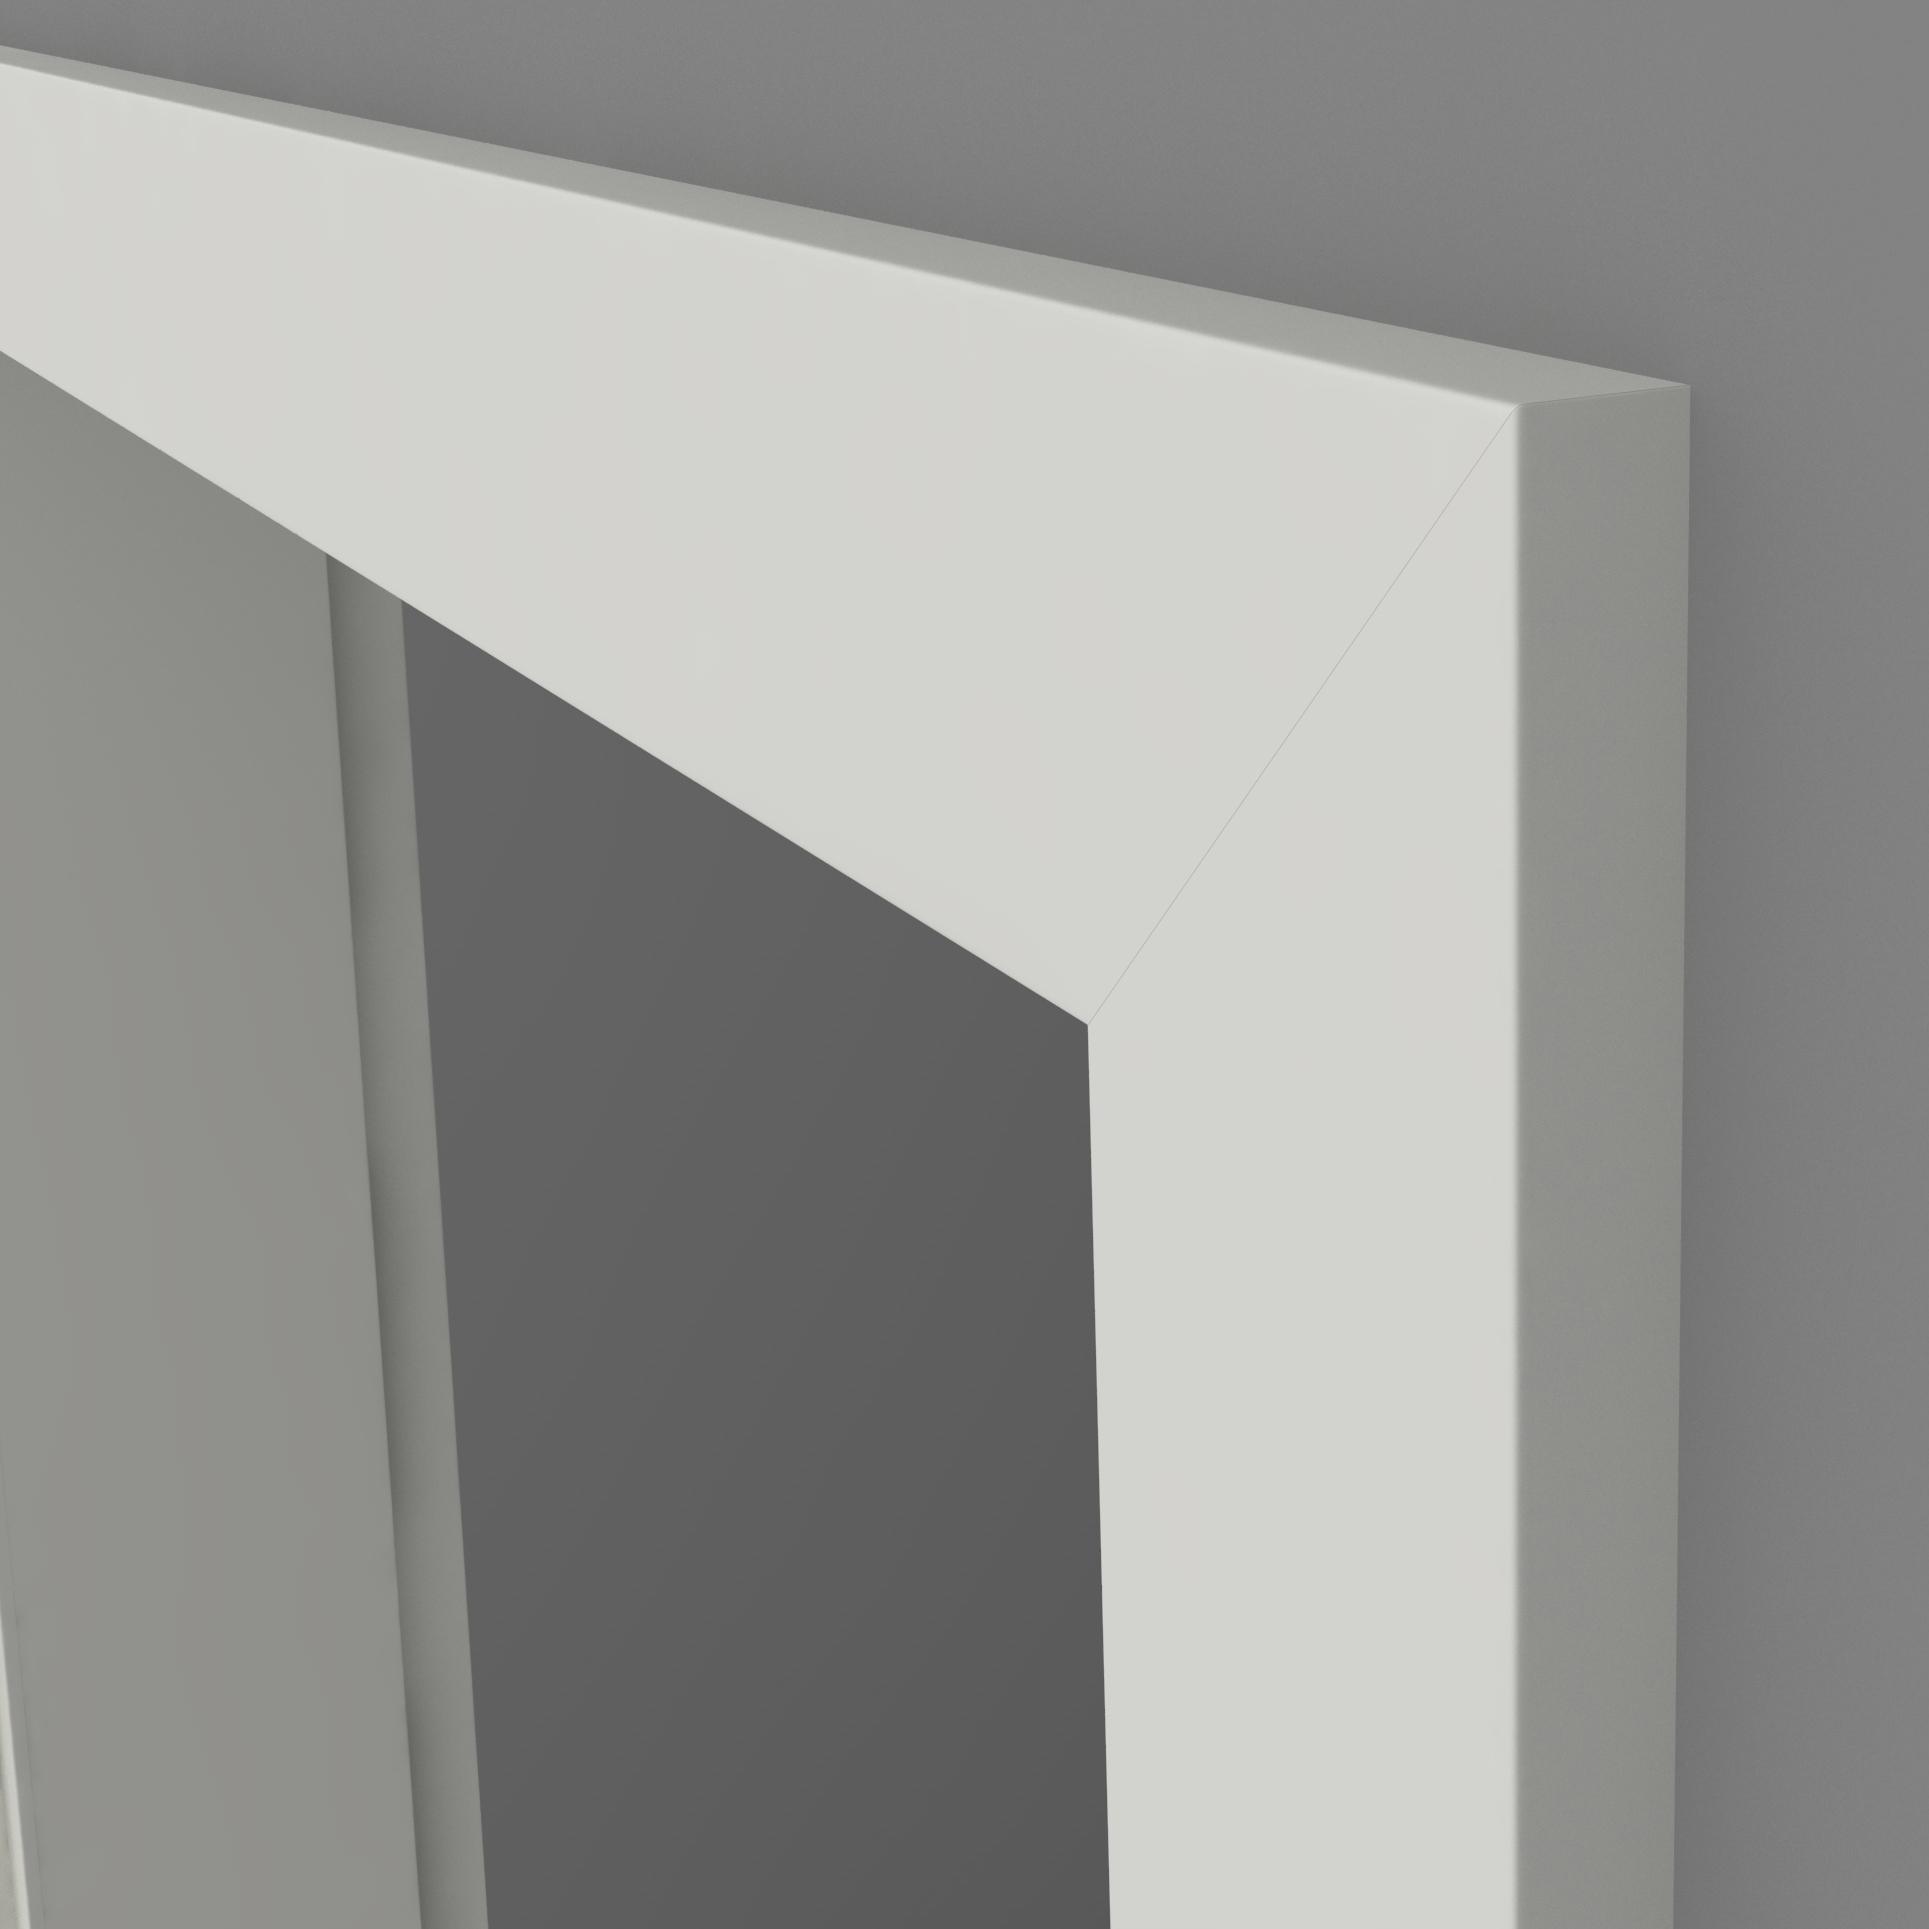 Designkante - 70 mm